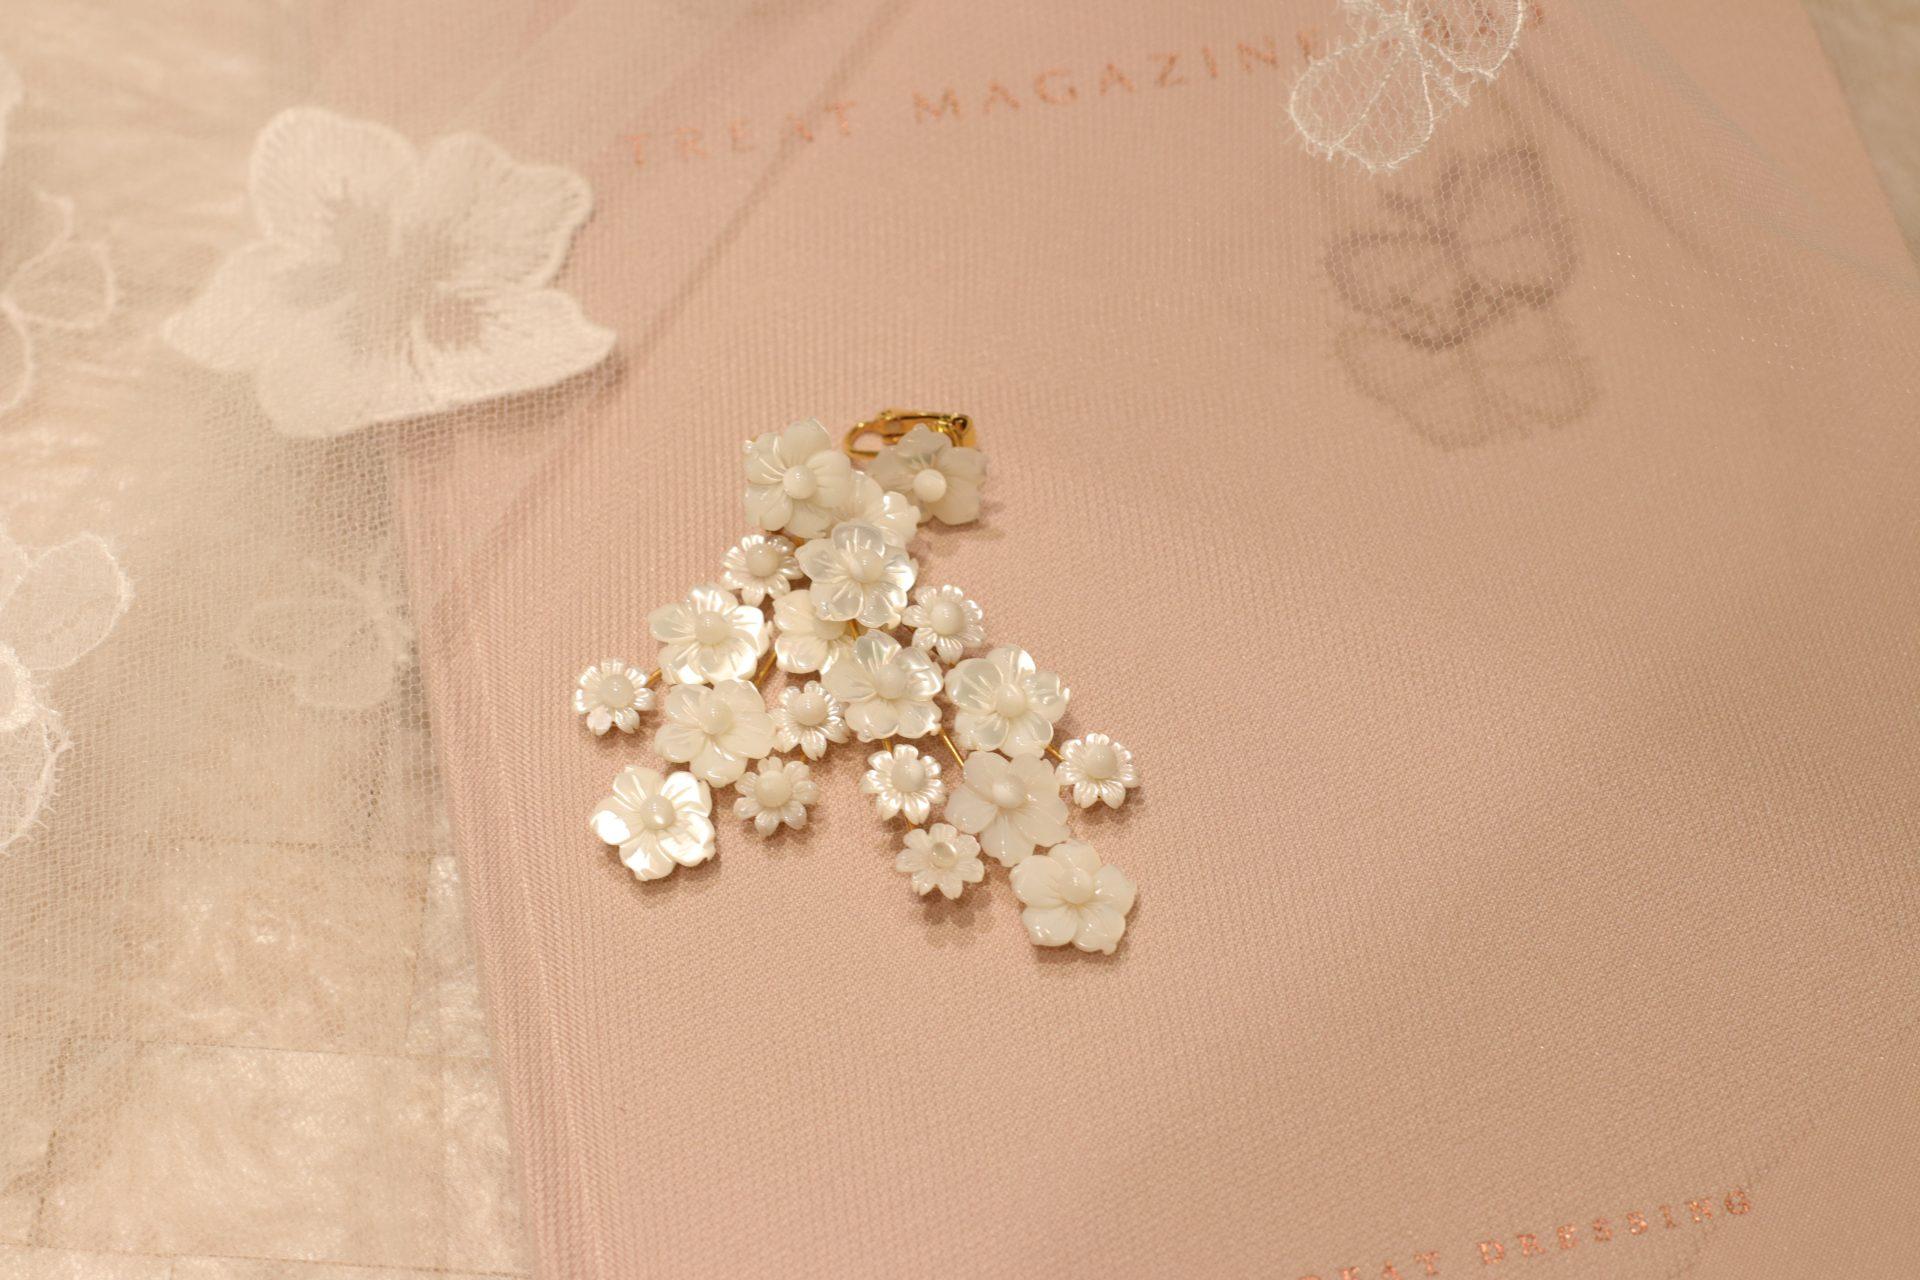 ジェニファーベアのアイキャッチ―なお花モチーフのイヤリングはザ・トリート・ドレッッシングでお取り扱いがありとても人気で 、夏や秋冬の結婚式をご予定のご新婦様におすすめです